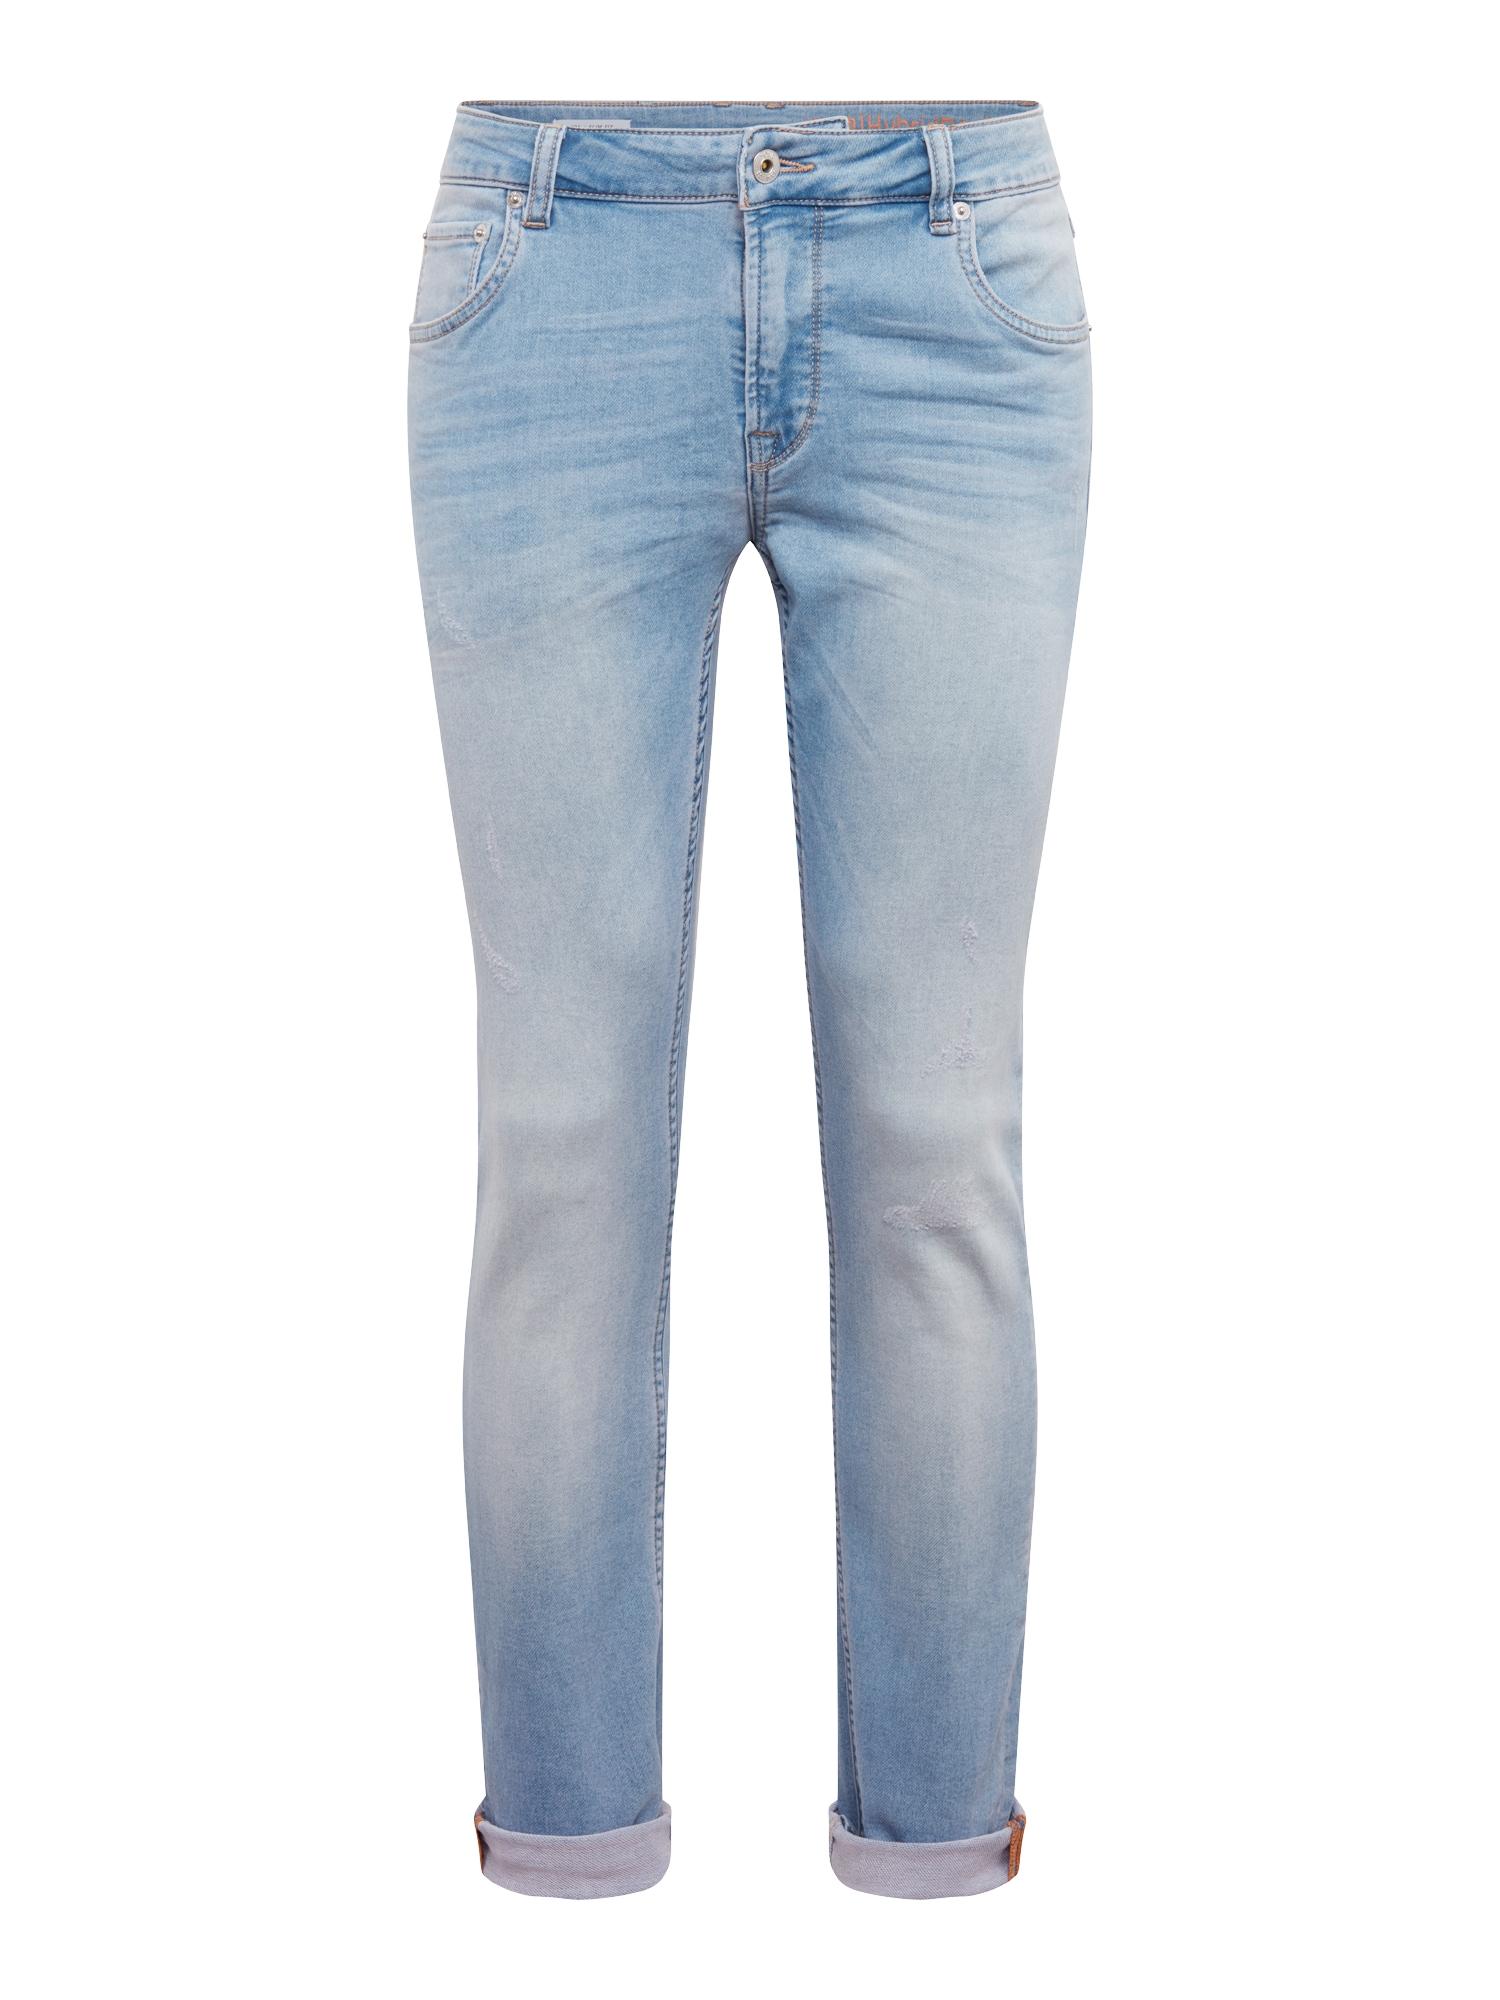 Džíny SLIM-JOY BLUE149 HYB modrá džínovina !Solid